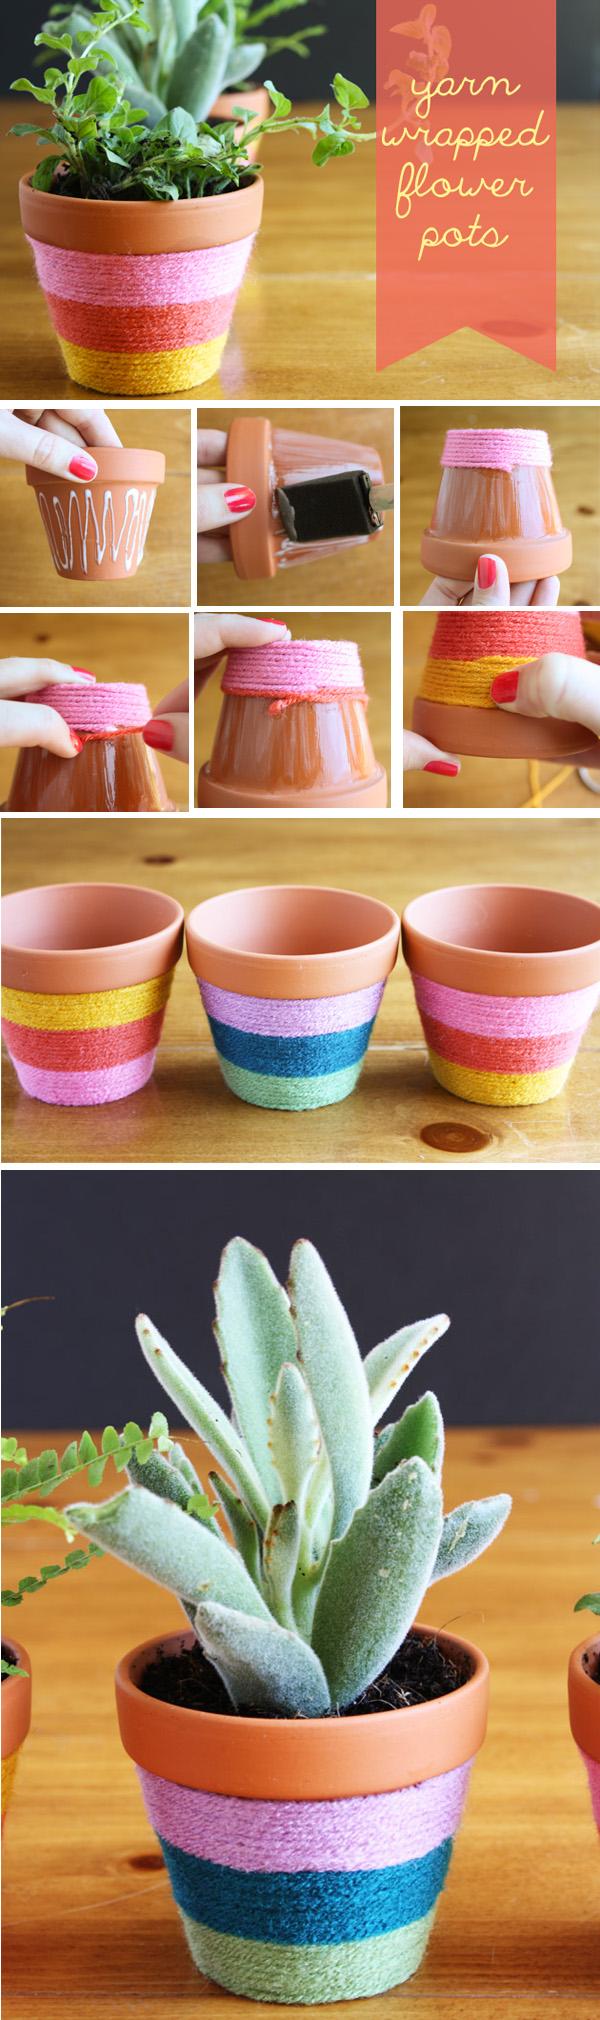 yarn-wrapped-flower-pots.jpg